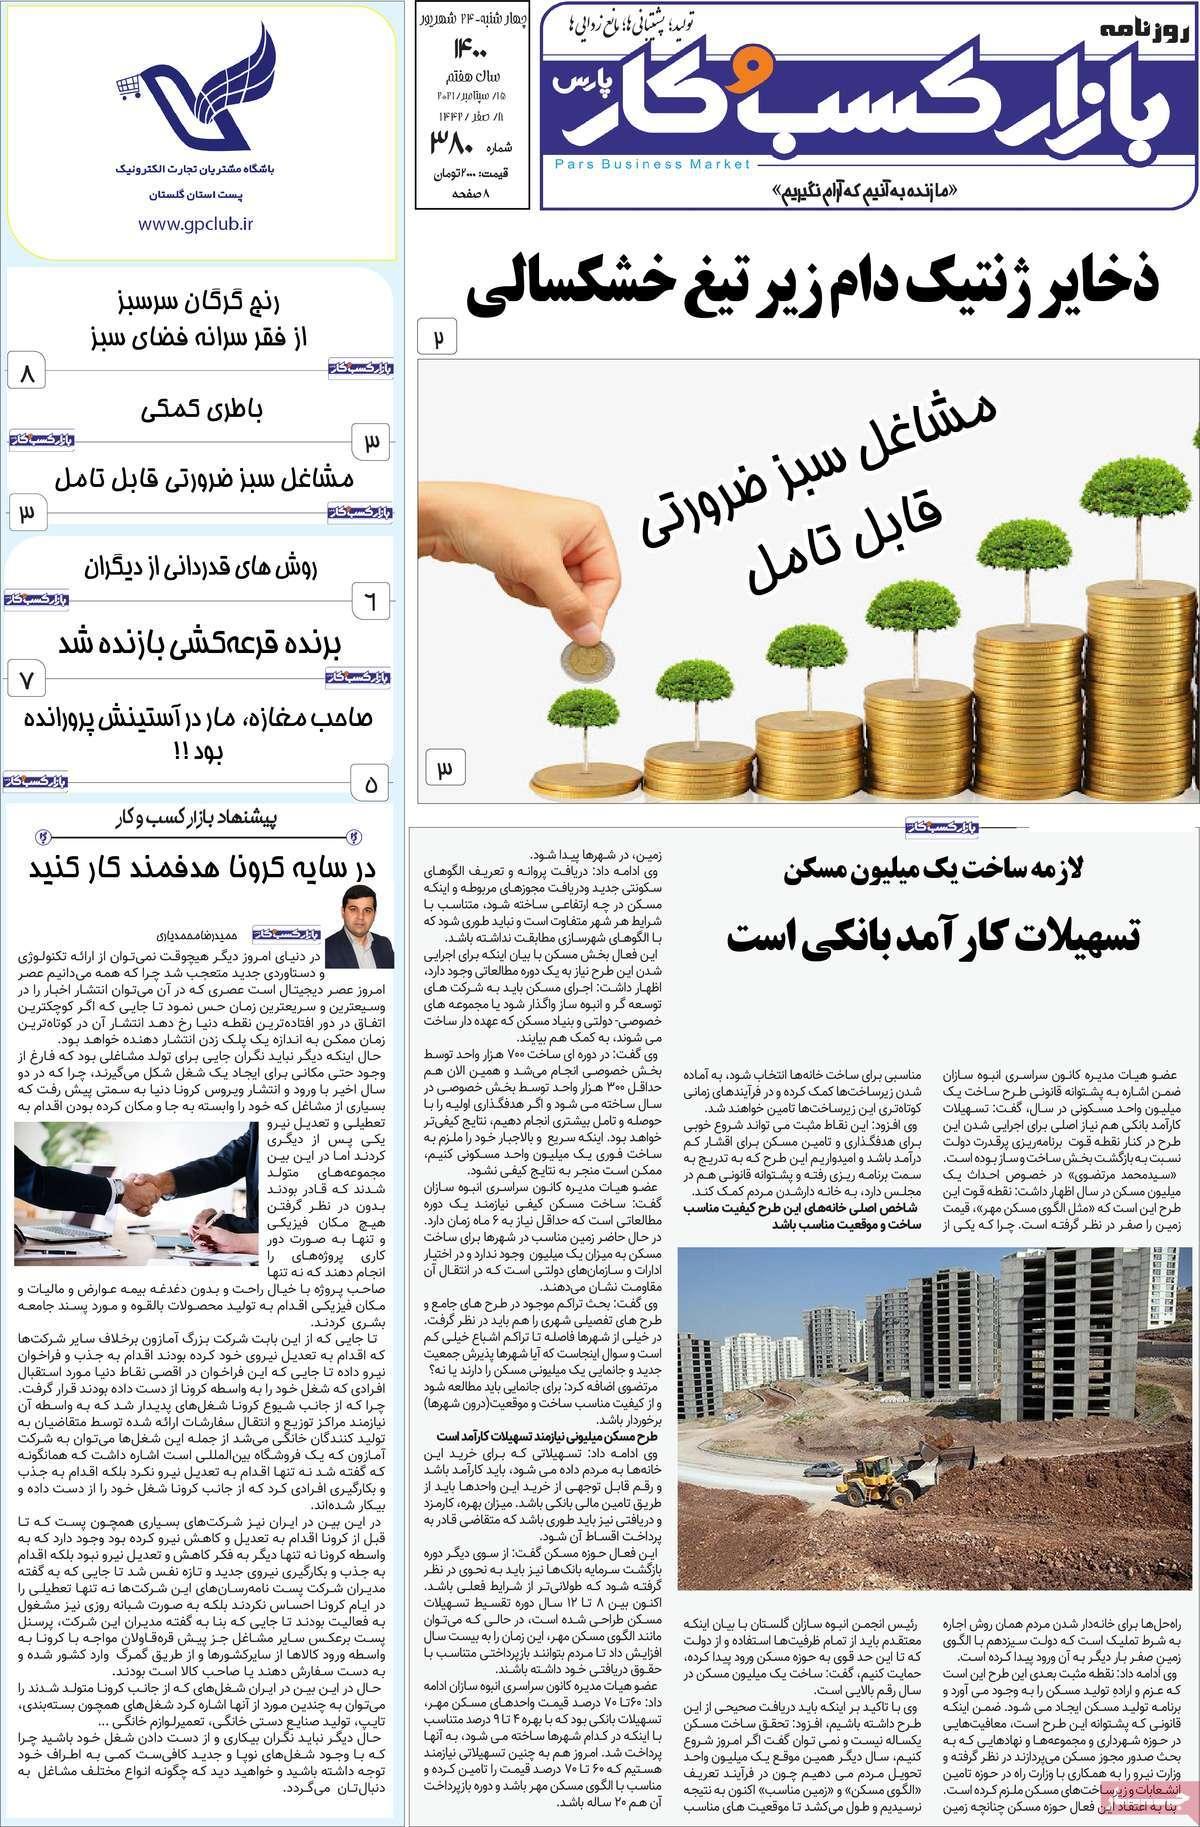 روزنامه بازار کسب و کار پارس